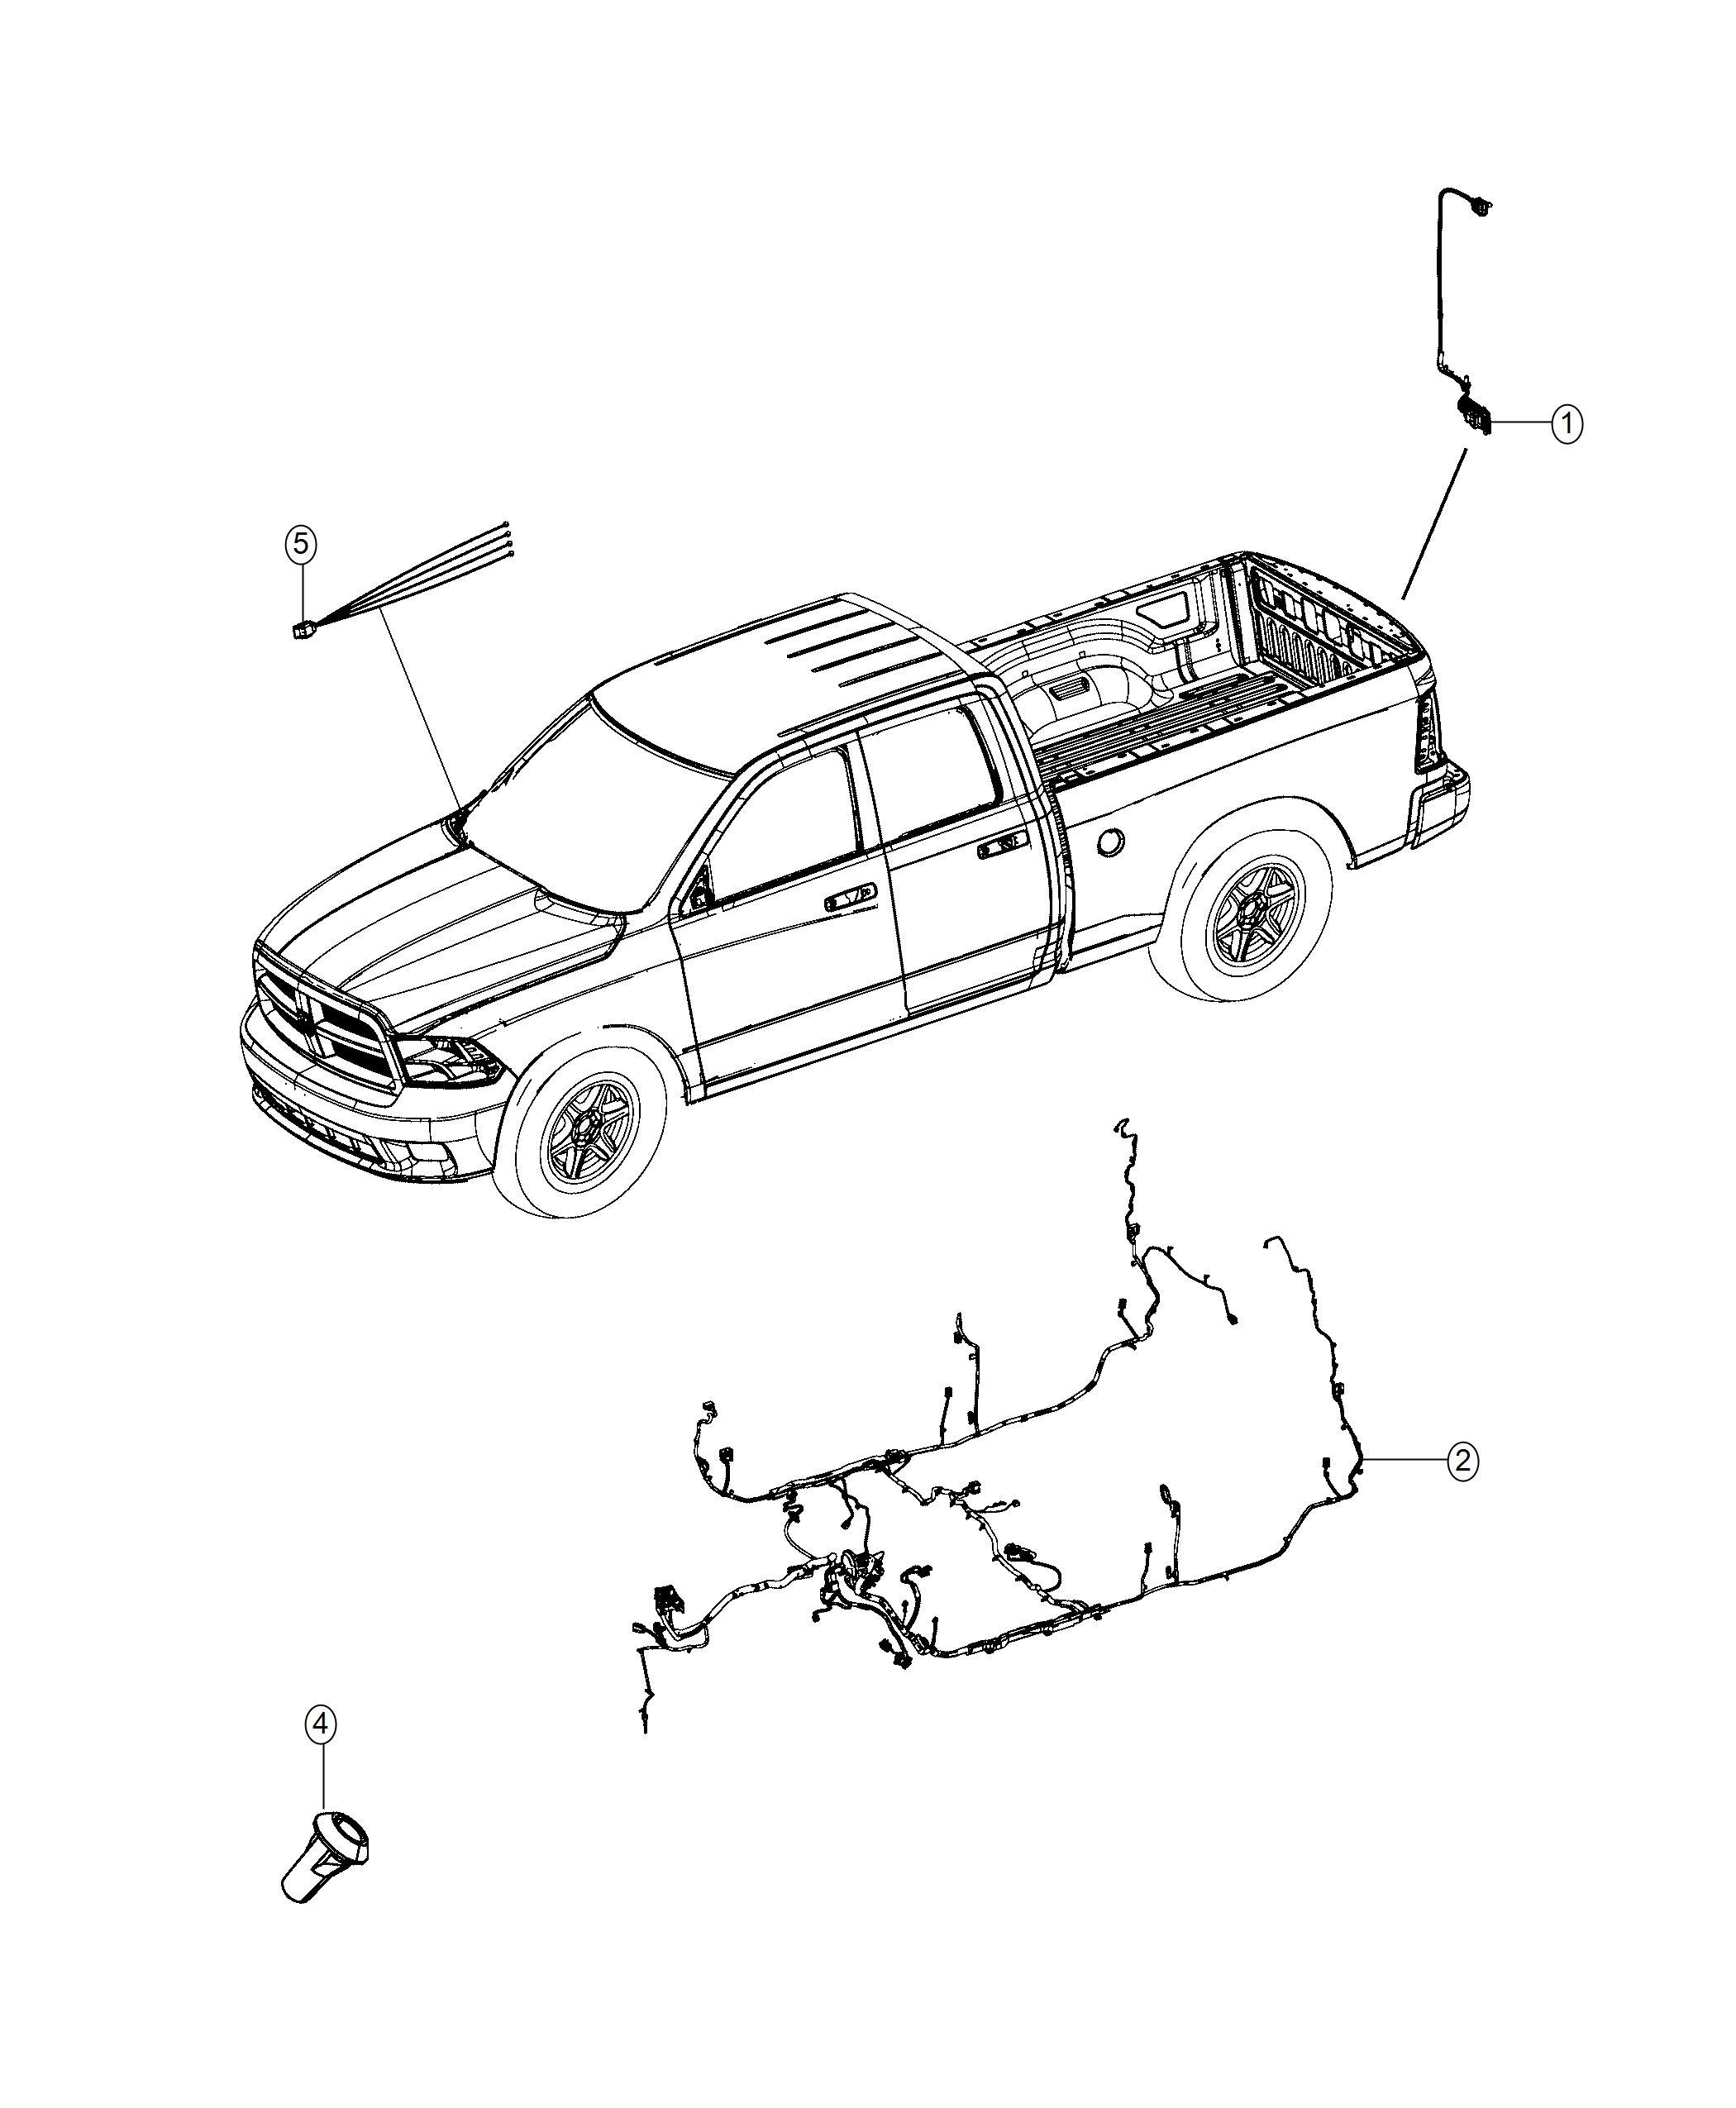 Ram 5500 Wiring. Jumper. Camera. Rear, back, parkview